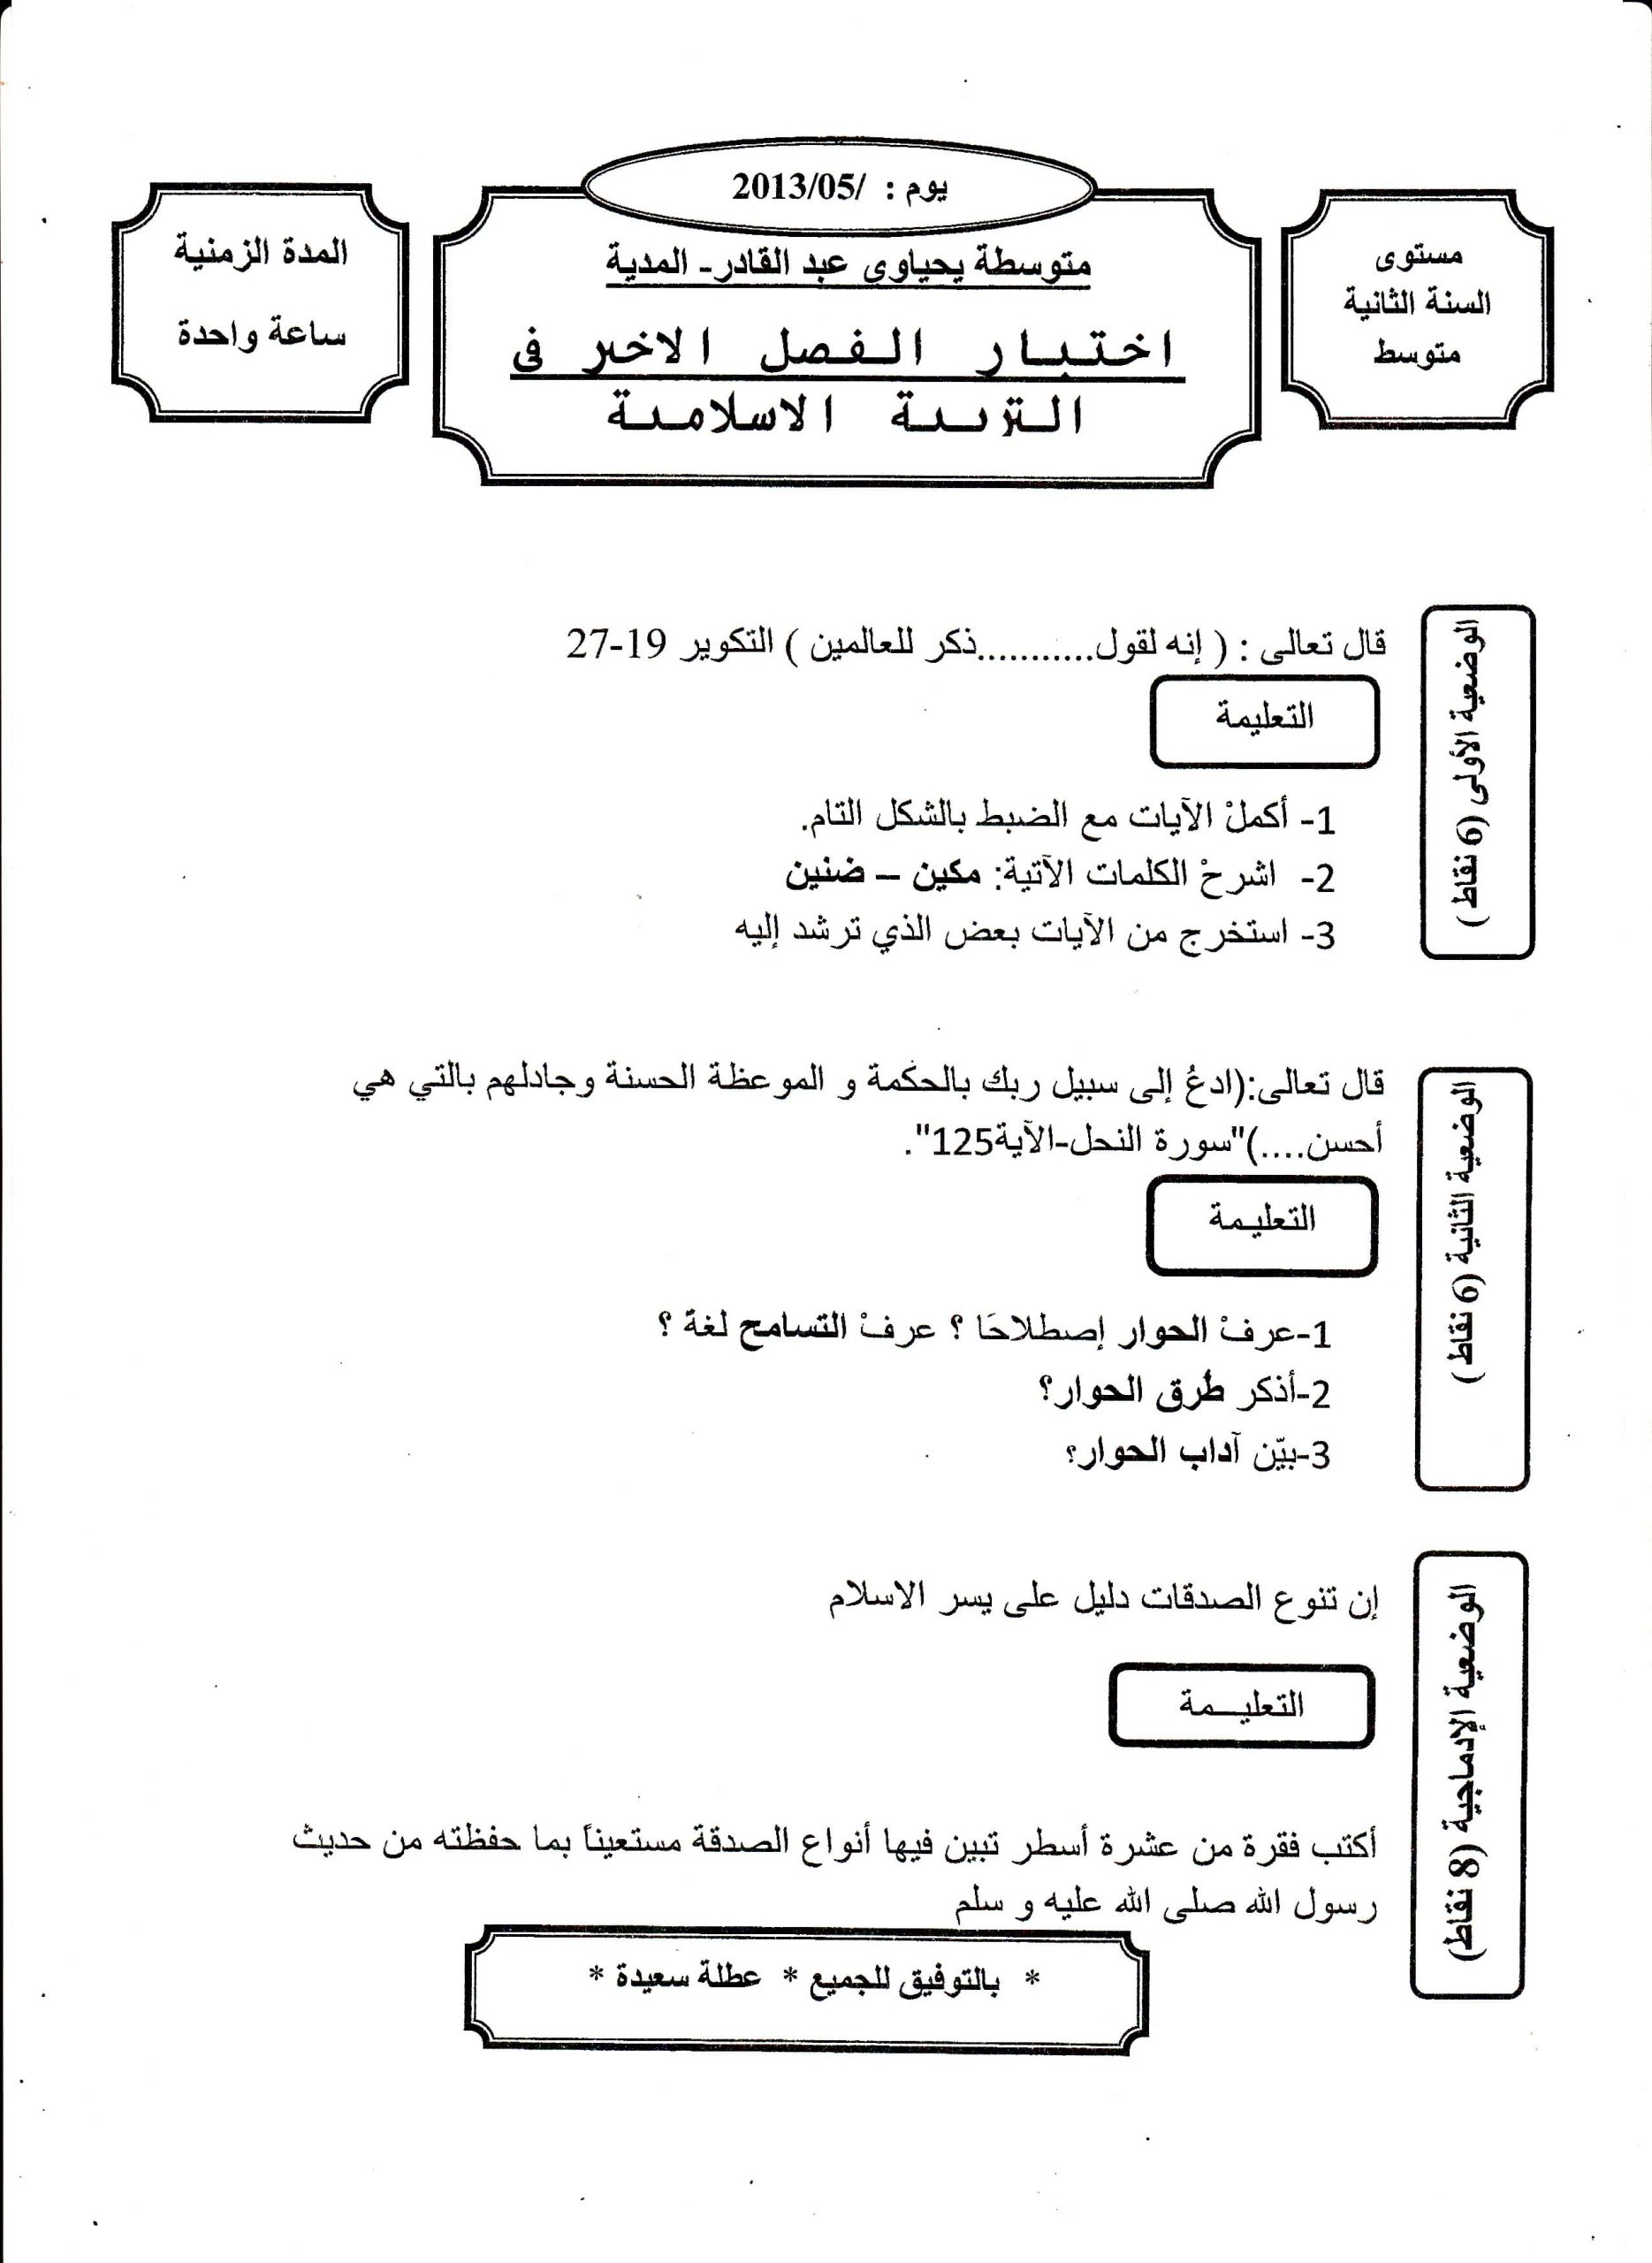 اختبار الفصل الثالث في التربية الاسلامية السنة الثانية متوسط - الموضوع 01